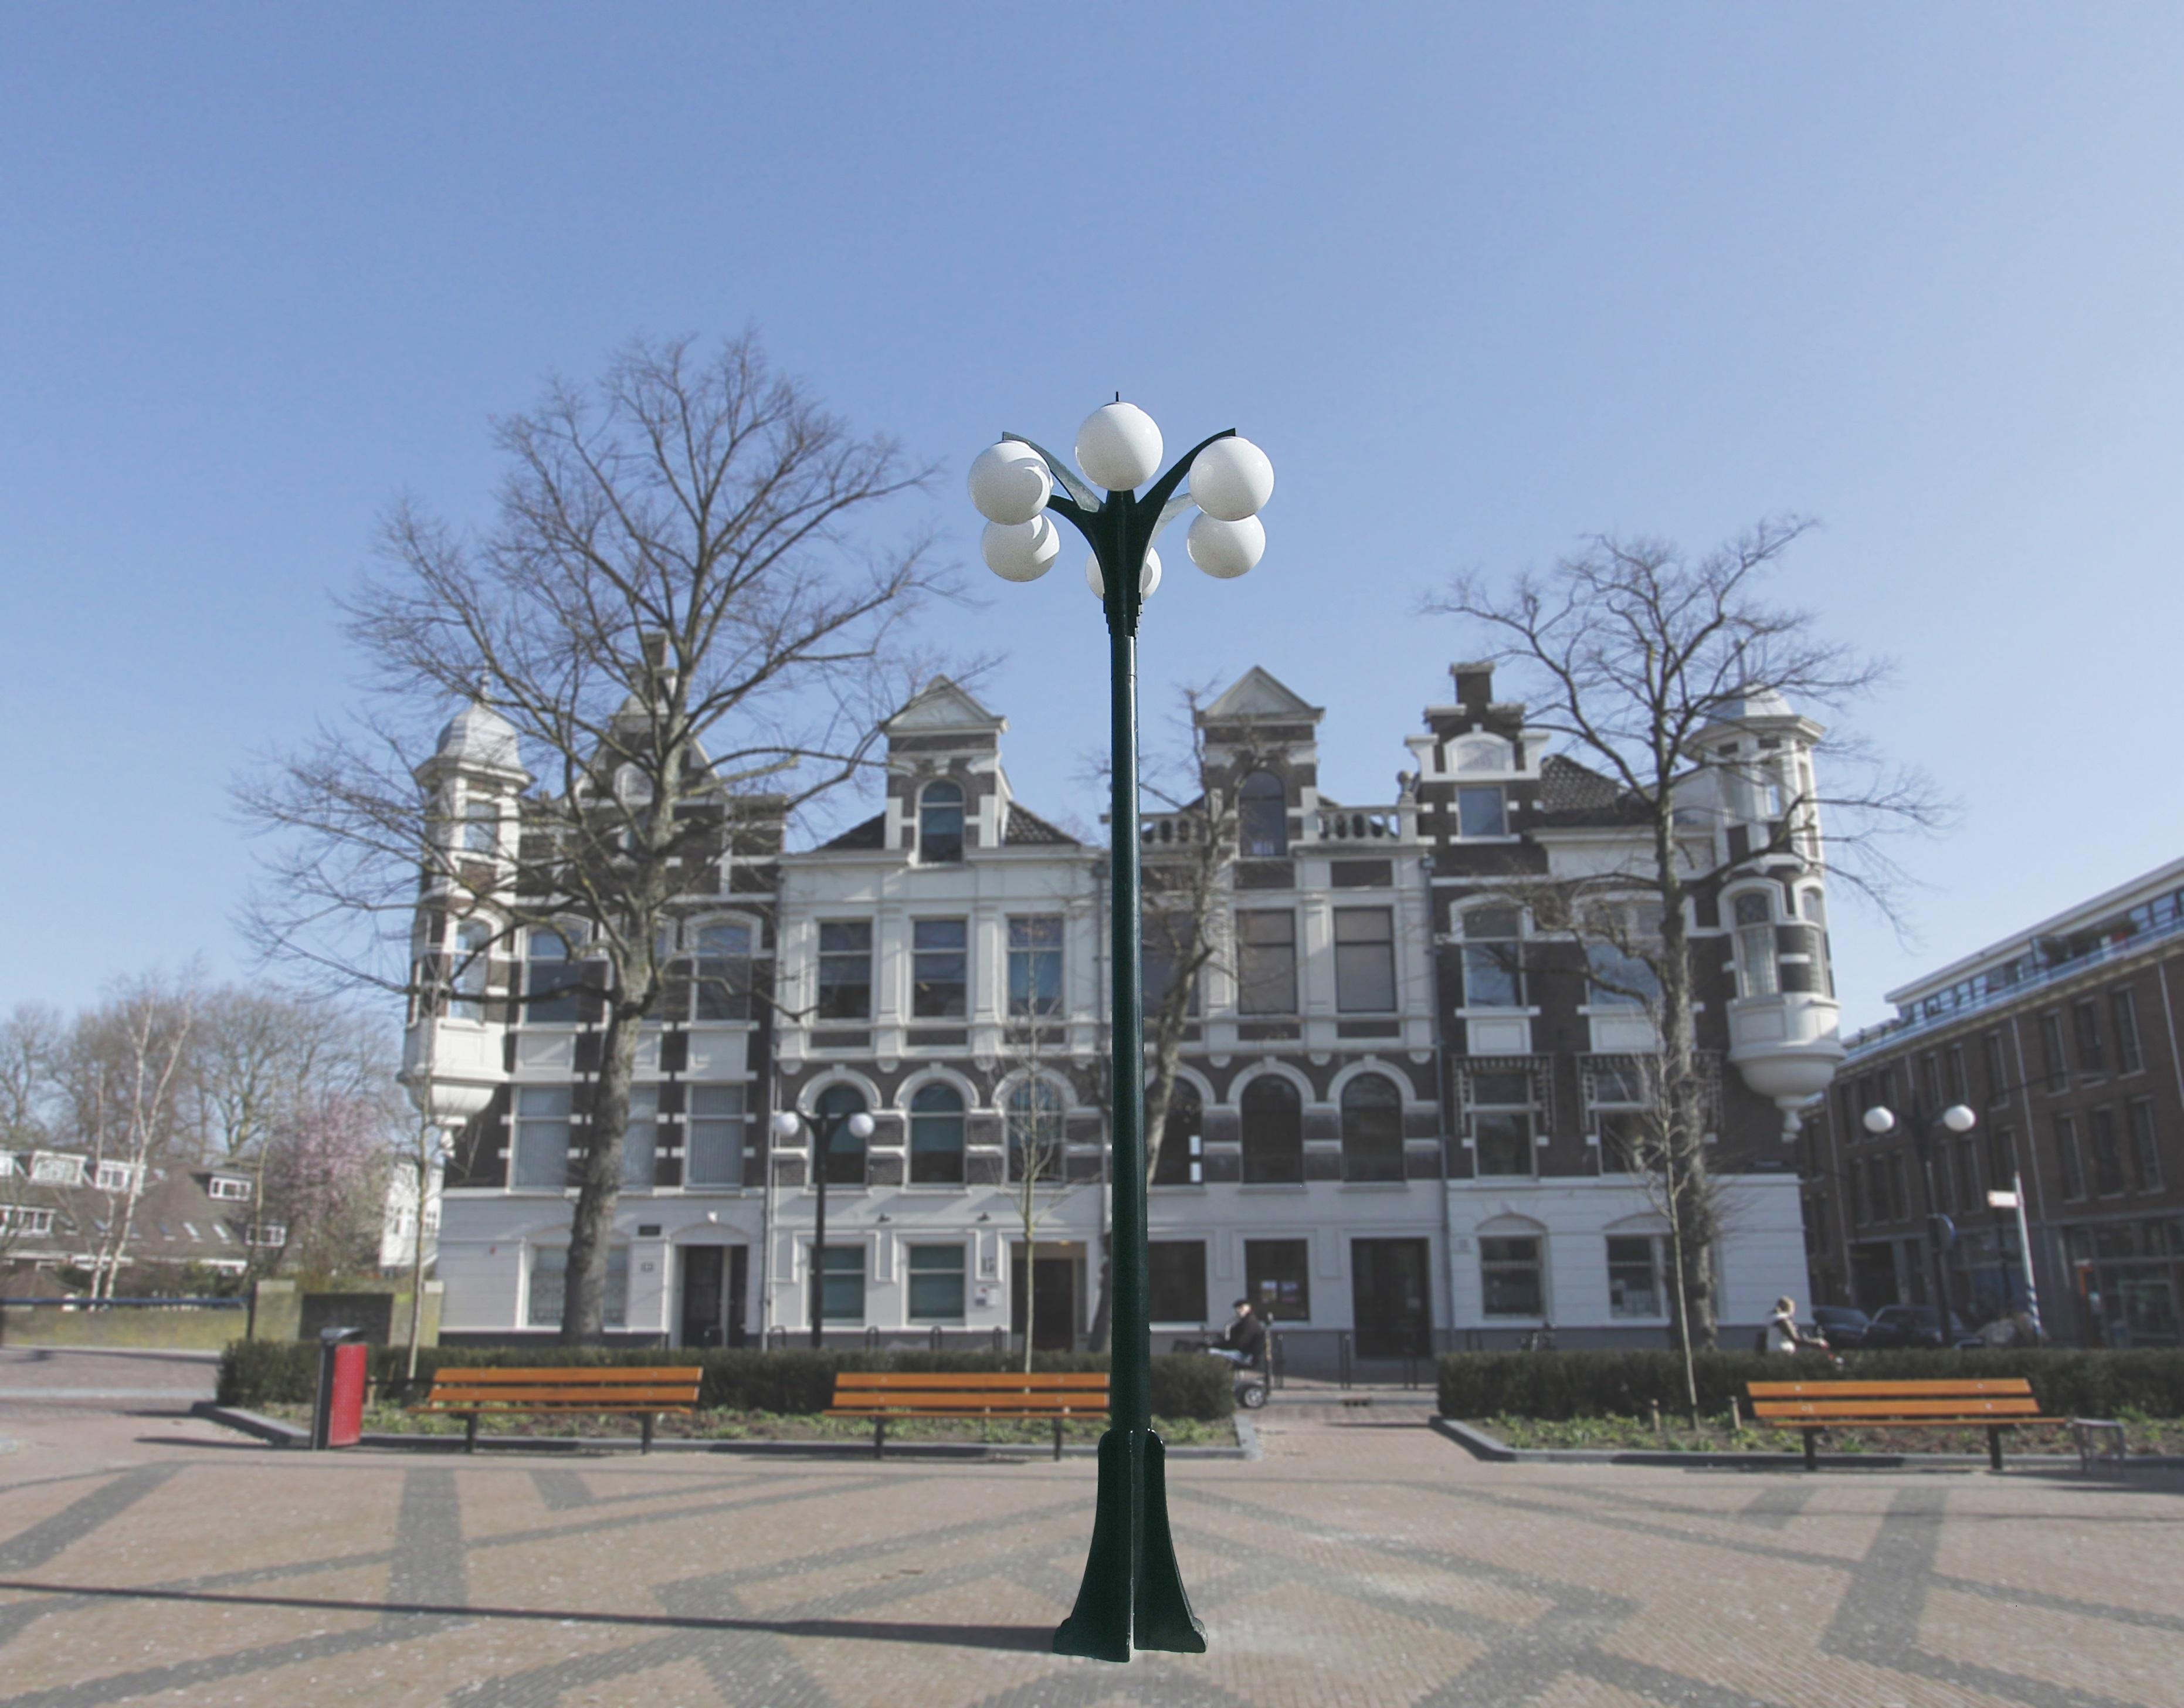 Mast geleverd door Mast Services Nederland